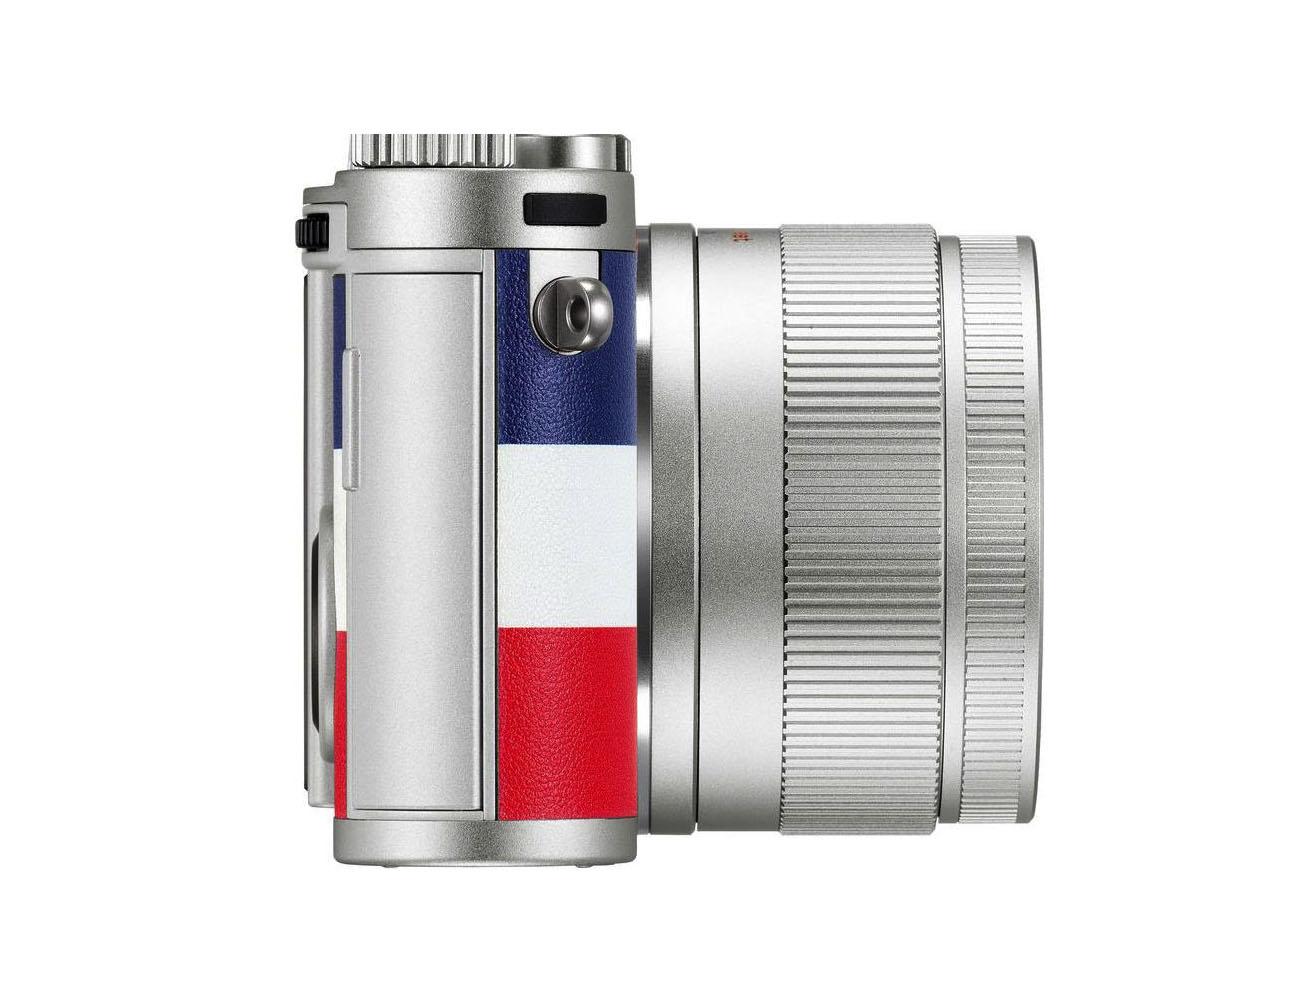 Leica X Typ 113 Moncler Edition Camera